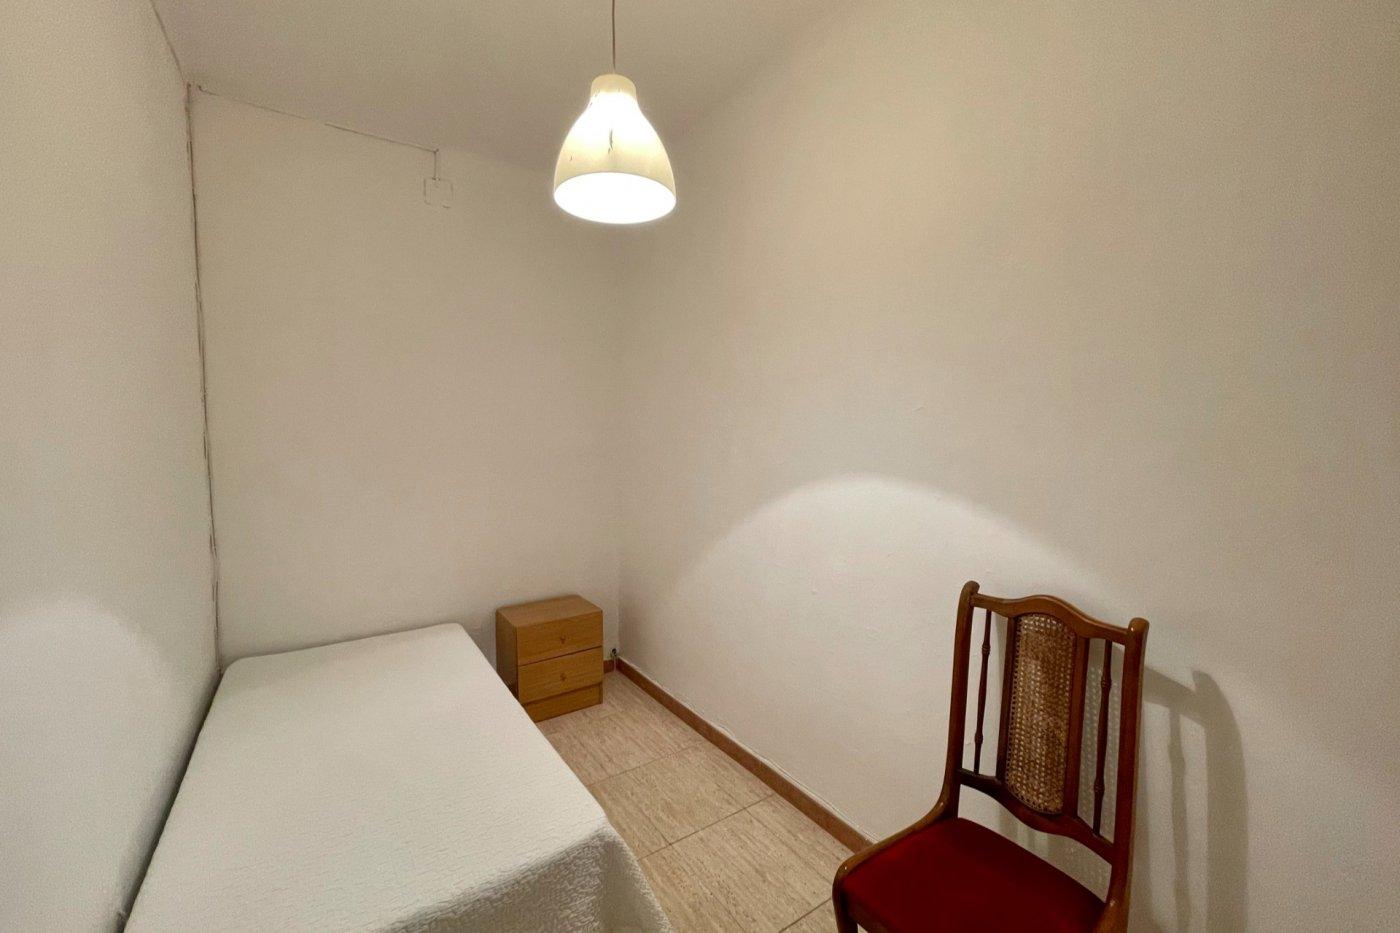 Primer piso semi amueblado de 52 m² de superficie (sin ascensor) en la zona de son cotoner - imagenInmueble4